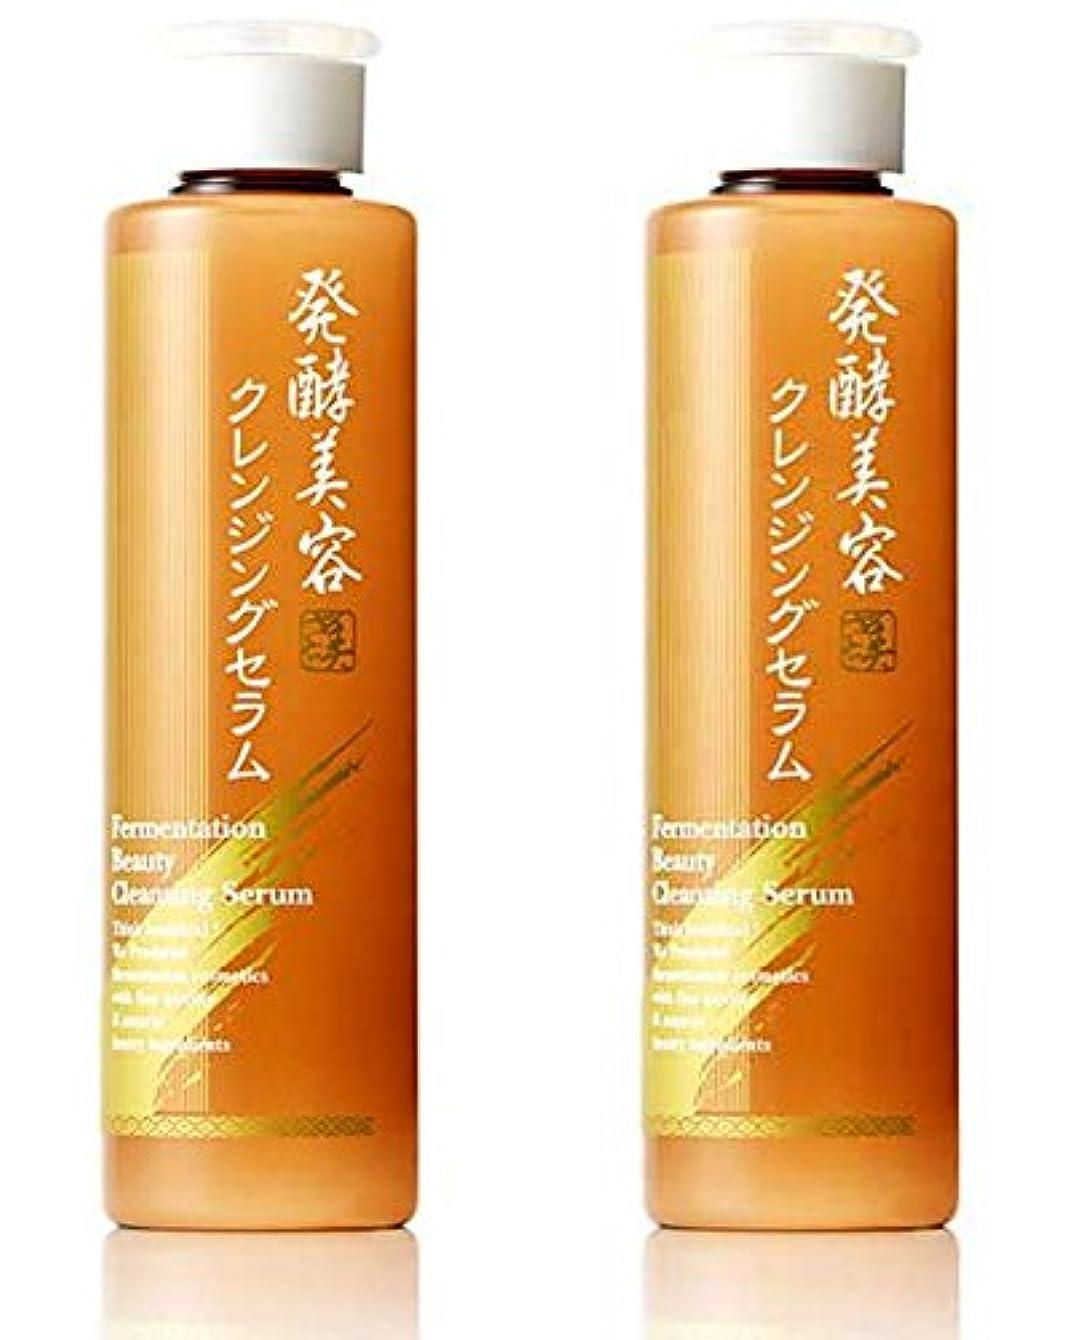 解き明かす電気陽性戻す美さを 発酵美容クレンジングセラム 2個セット(クレンジングウォーター美容液)